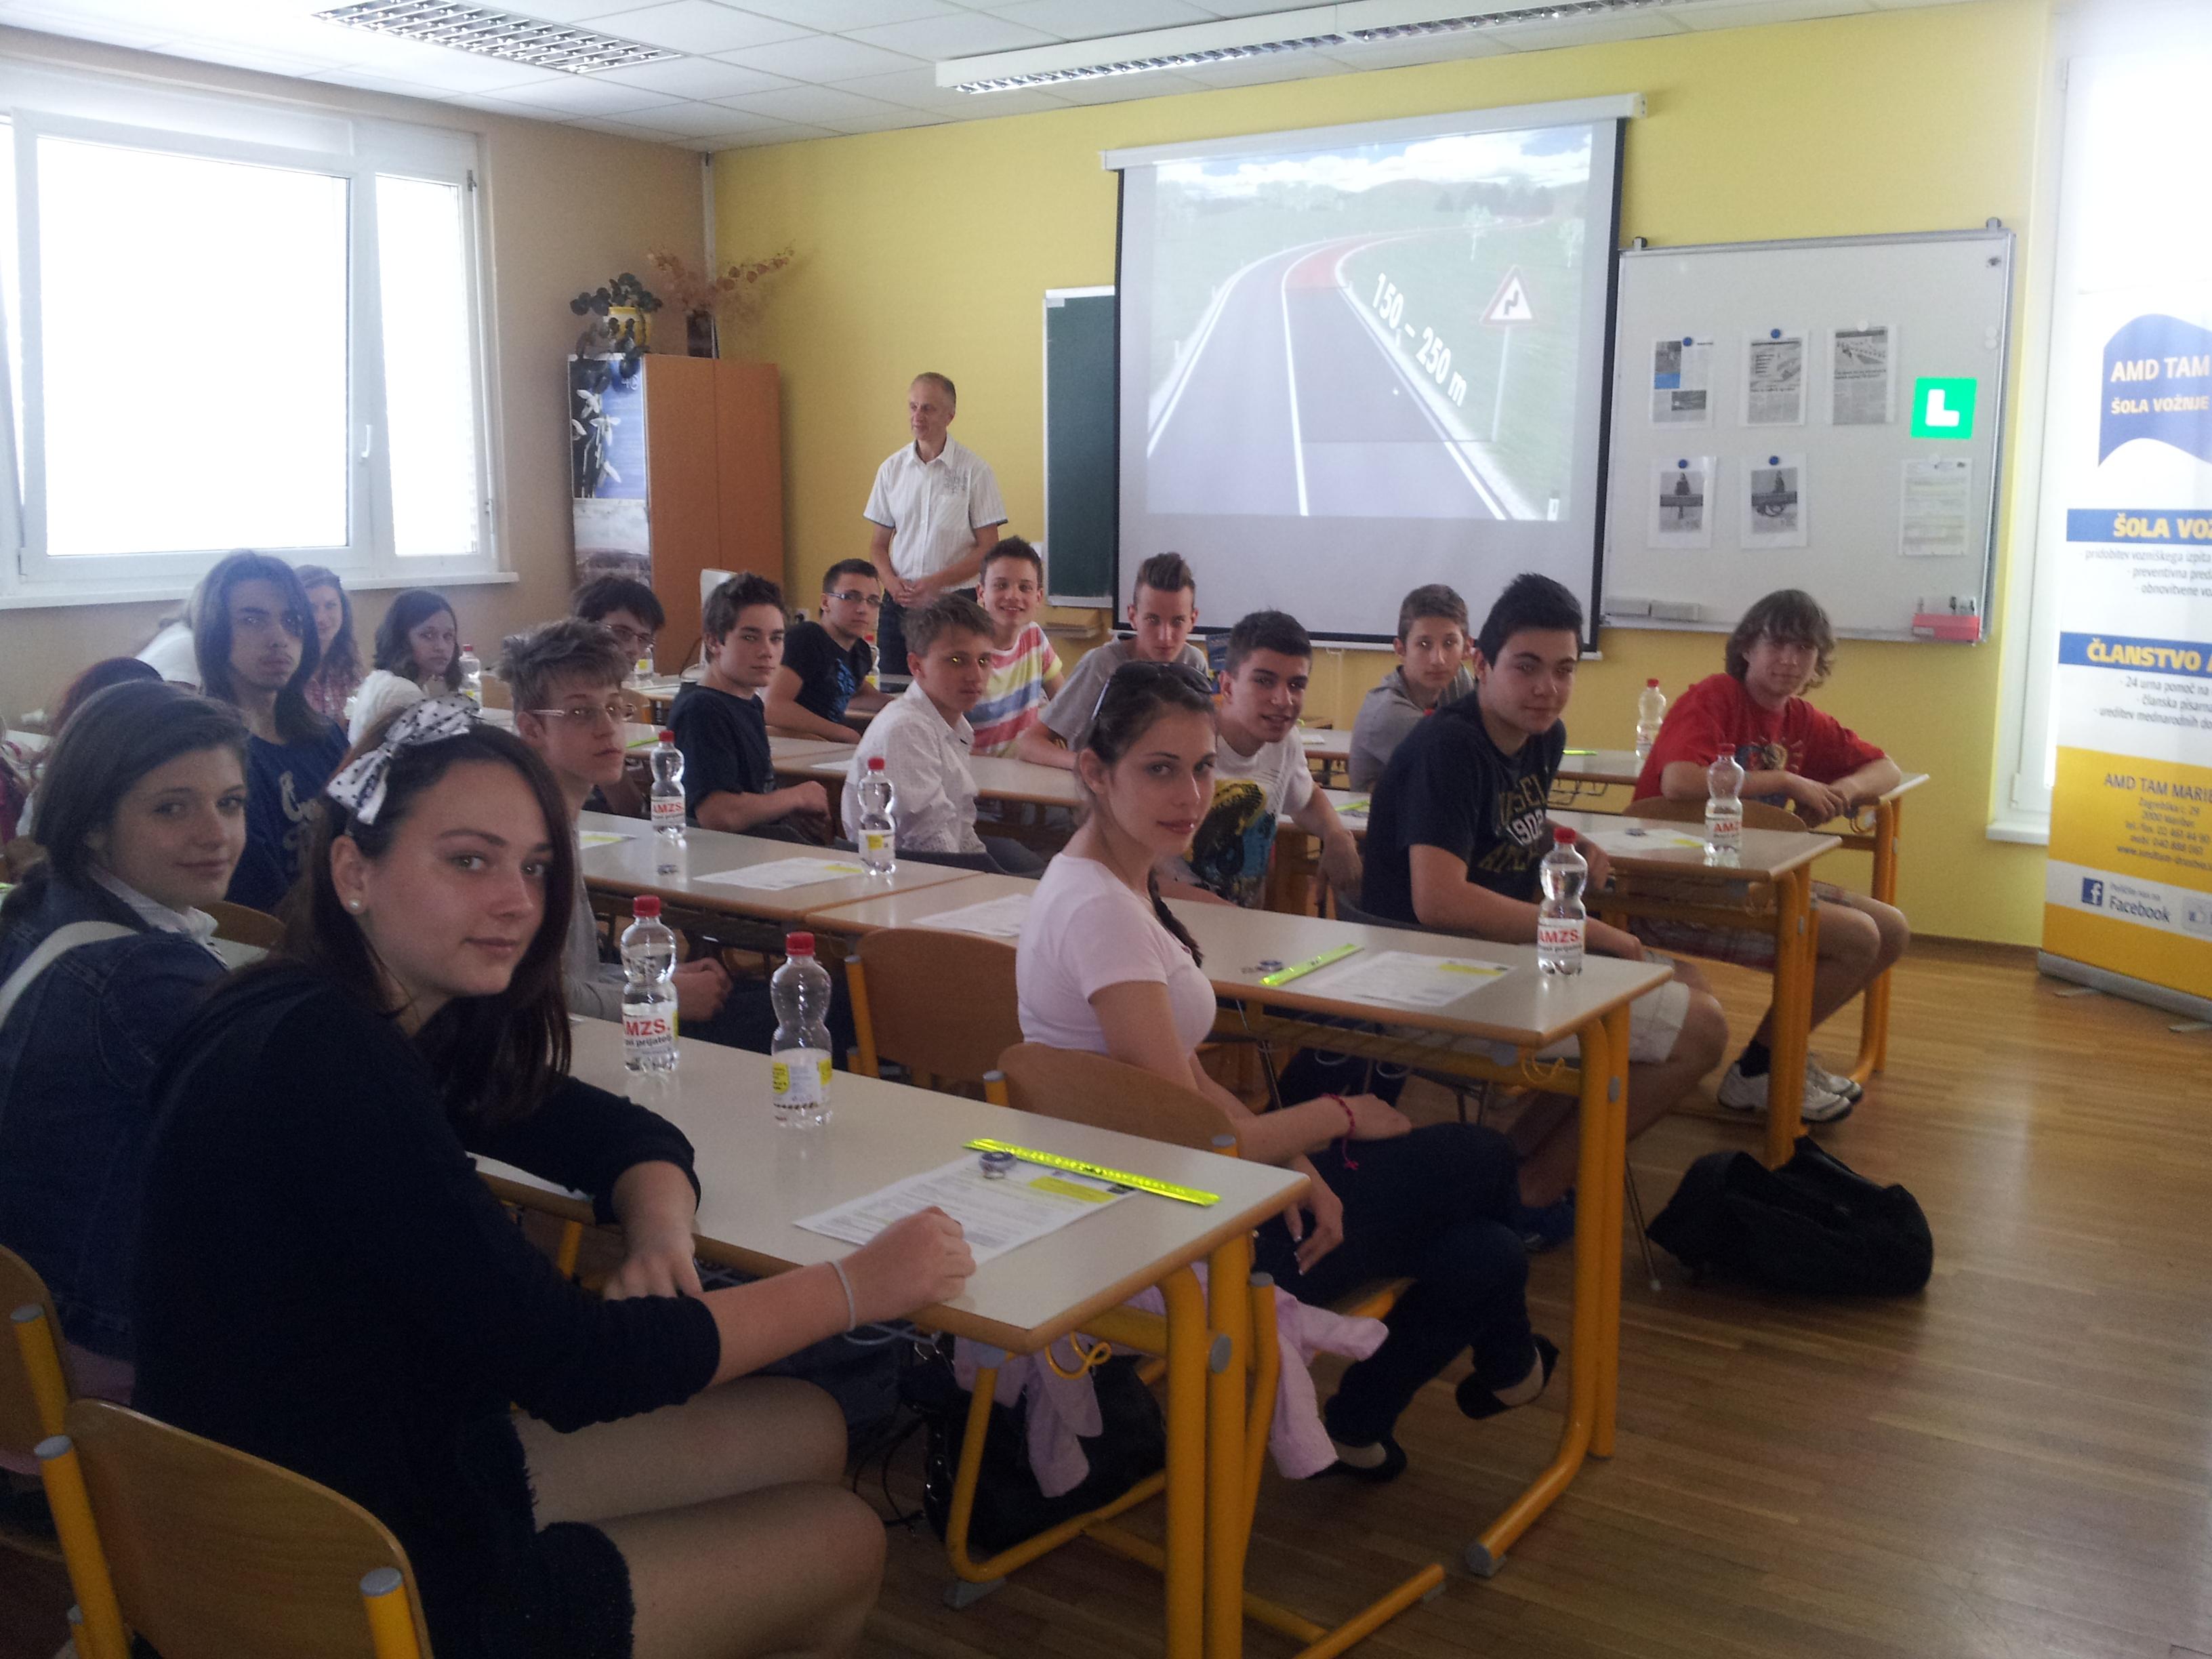 Učilnica_AMD_TAM1